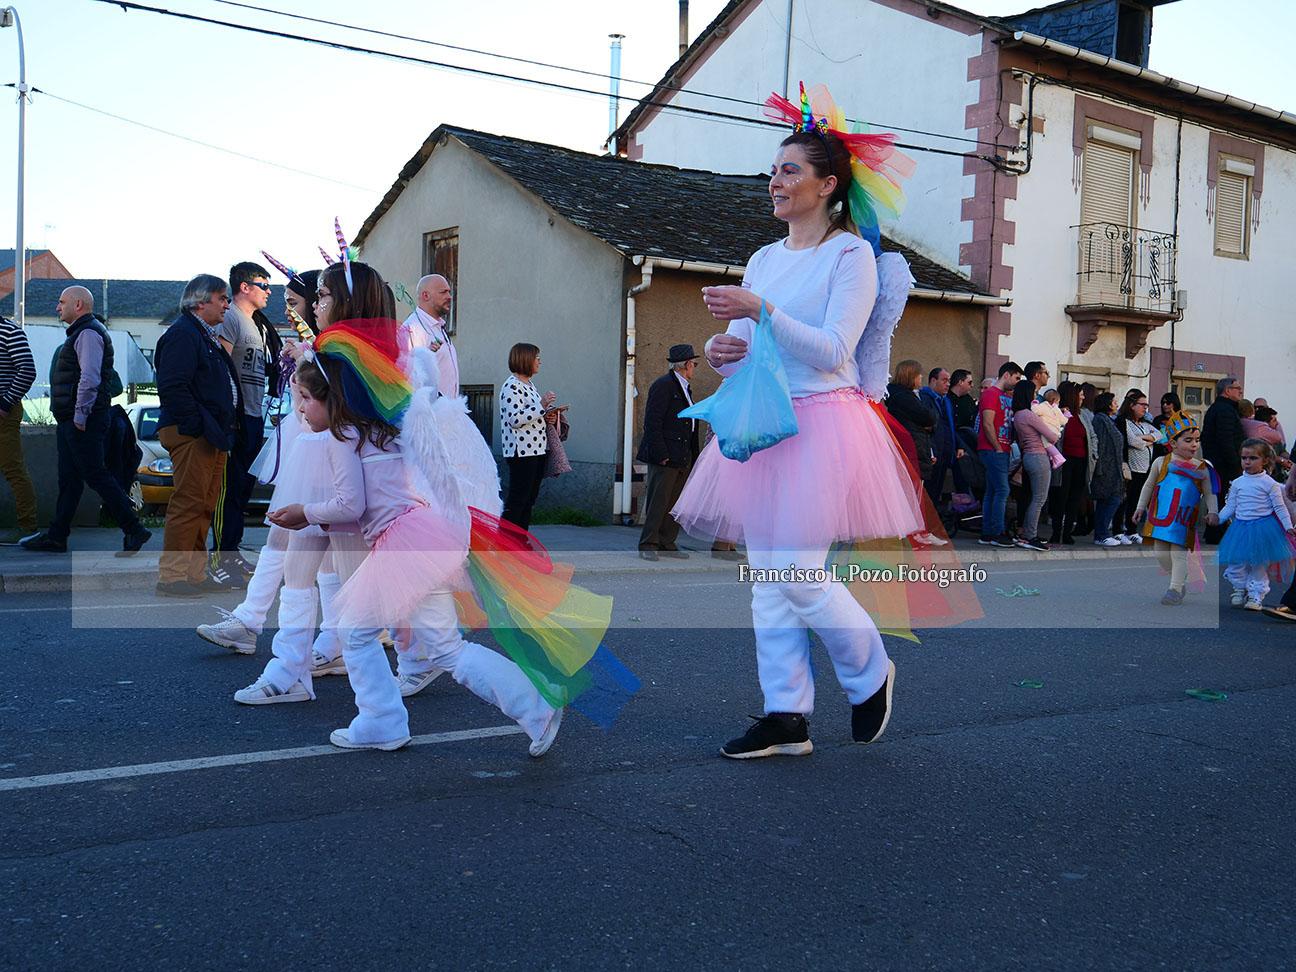 Carnaval 2020: Camponaraya sale a la calle a ritmo de comparsa 64